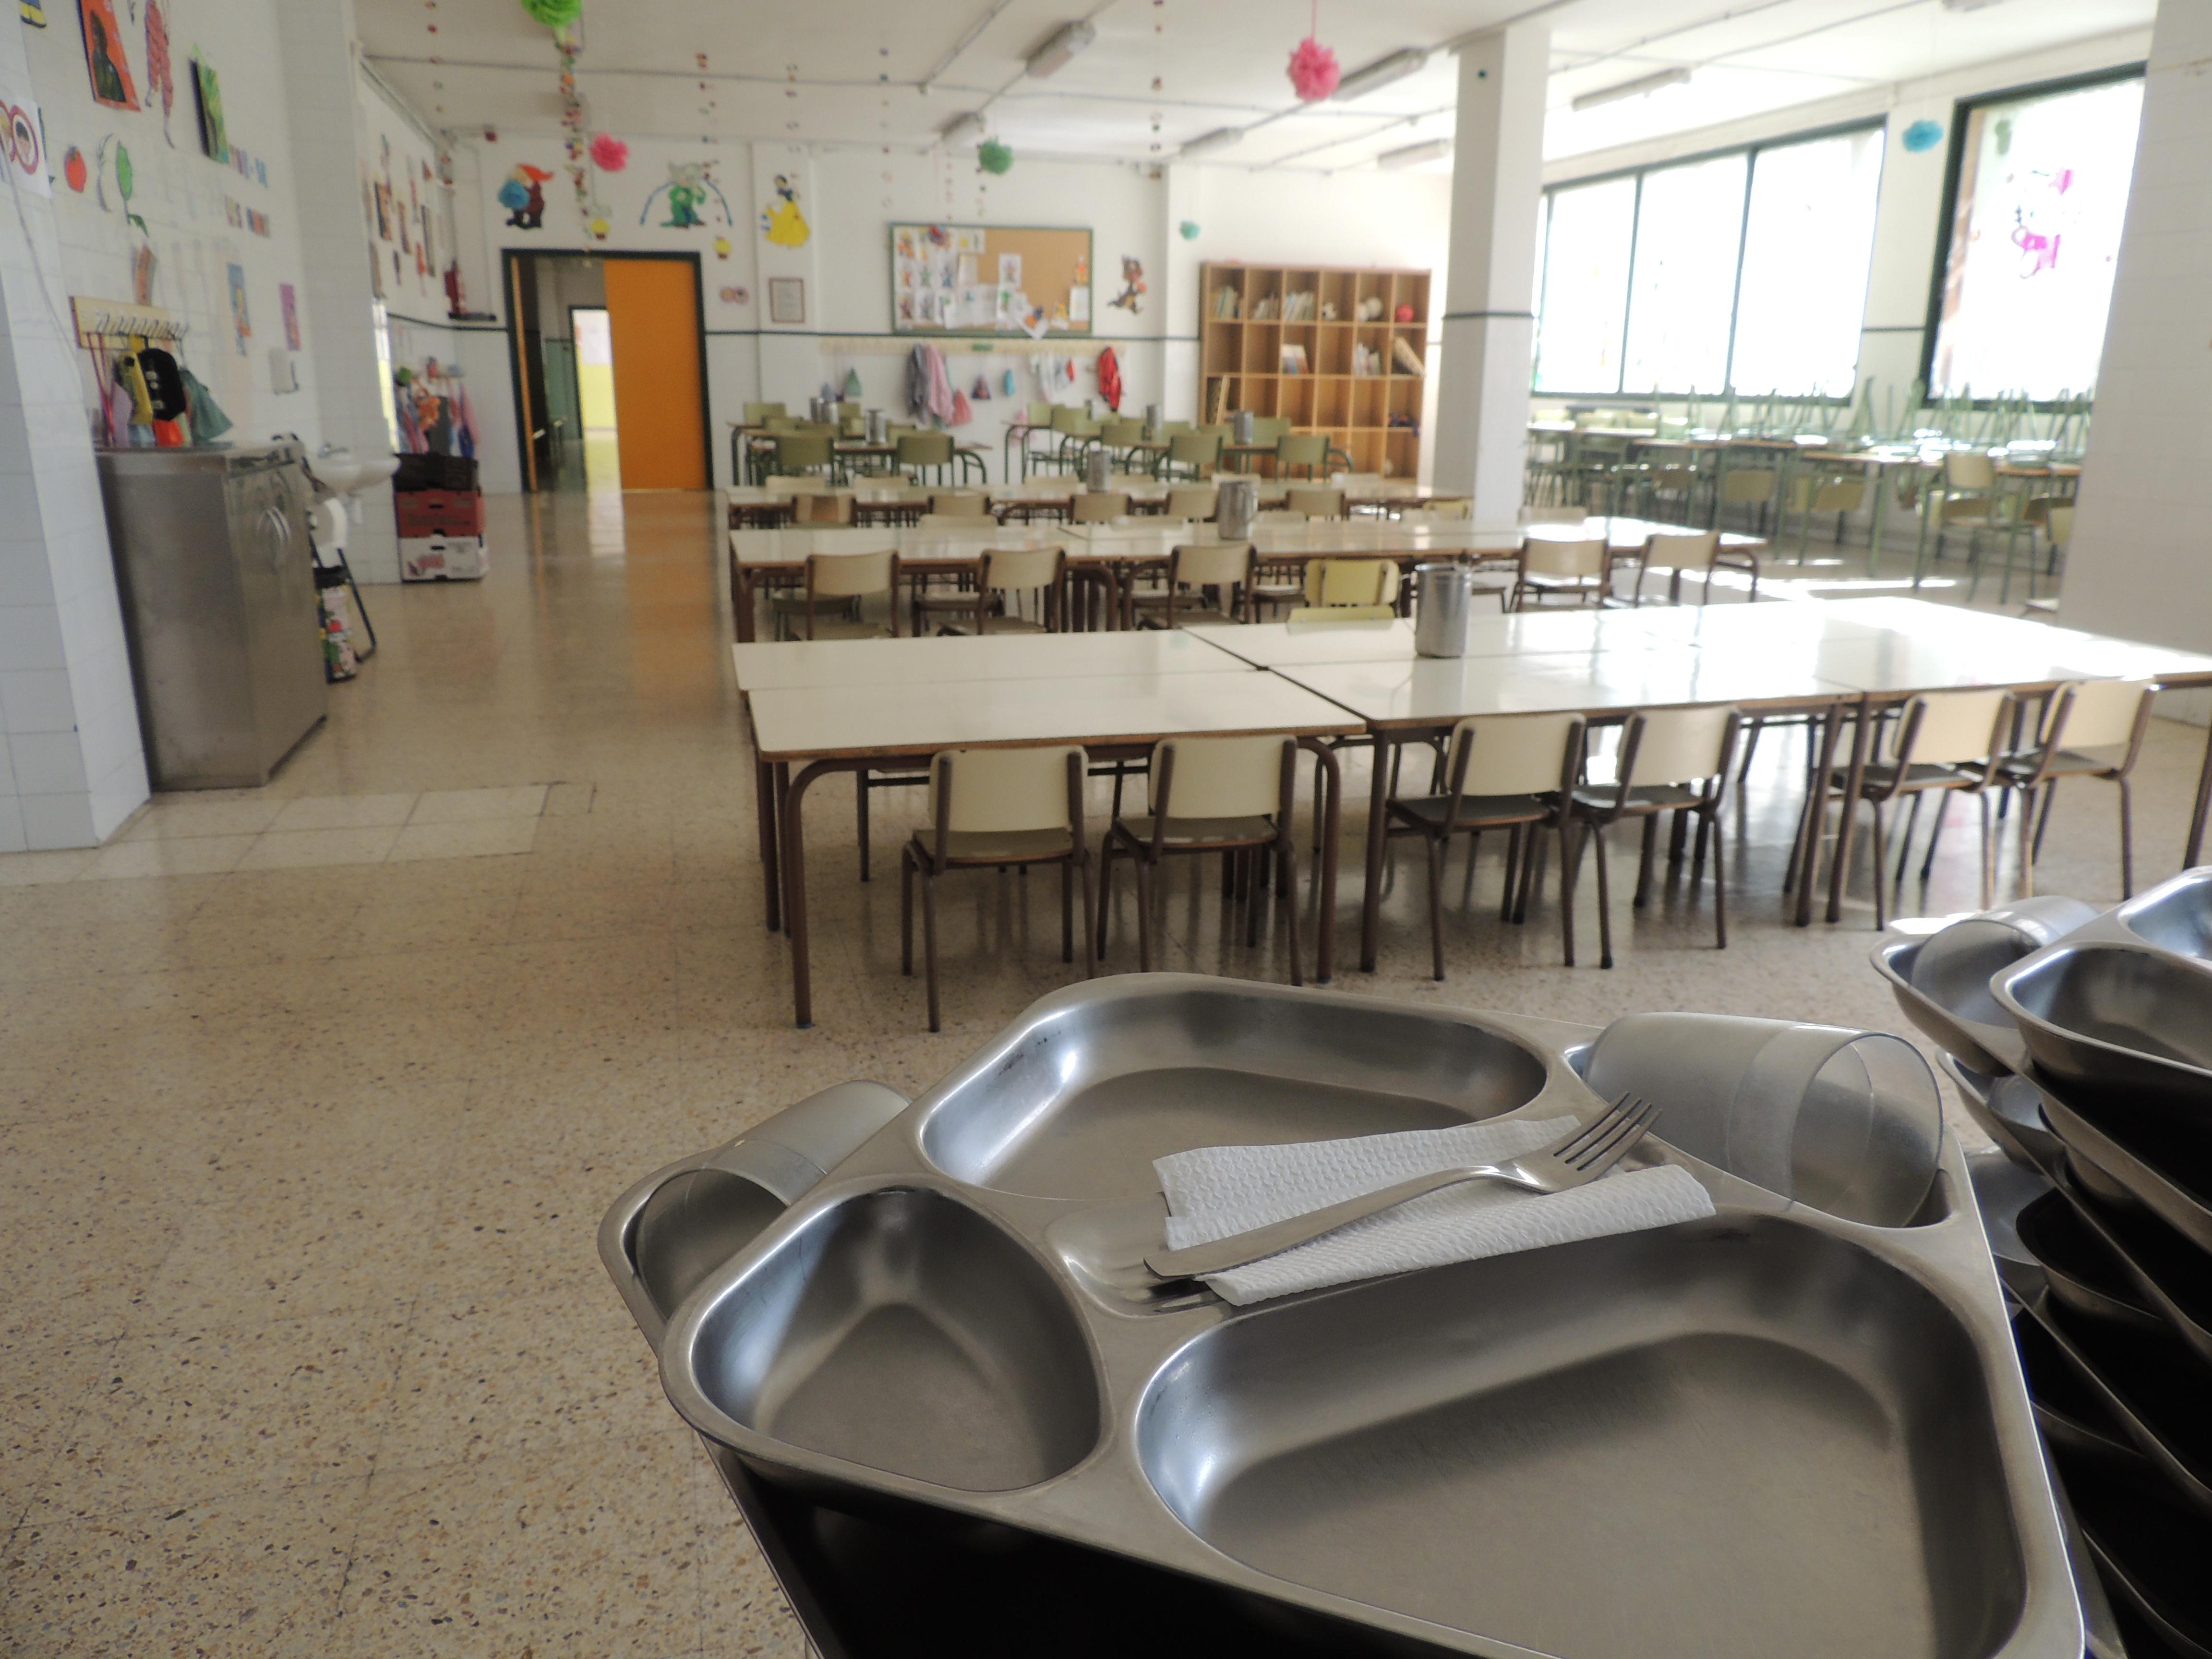 Imatge del menjador de l'escola.